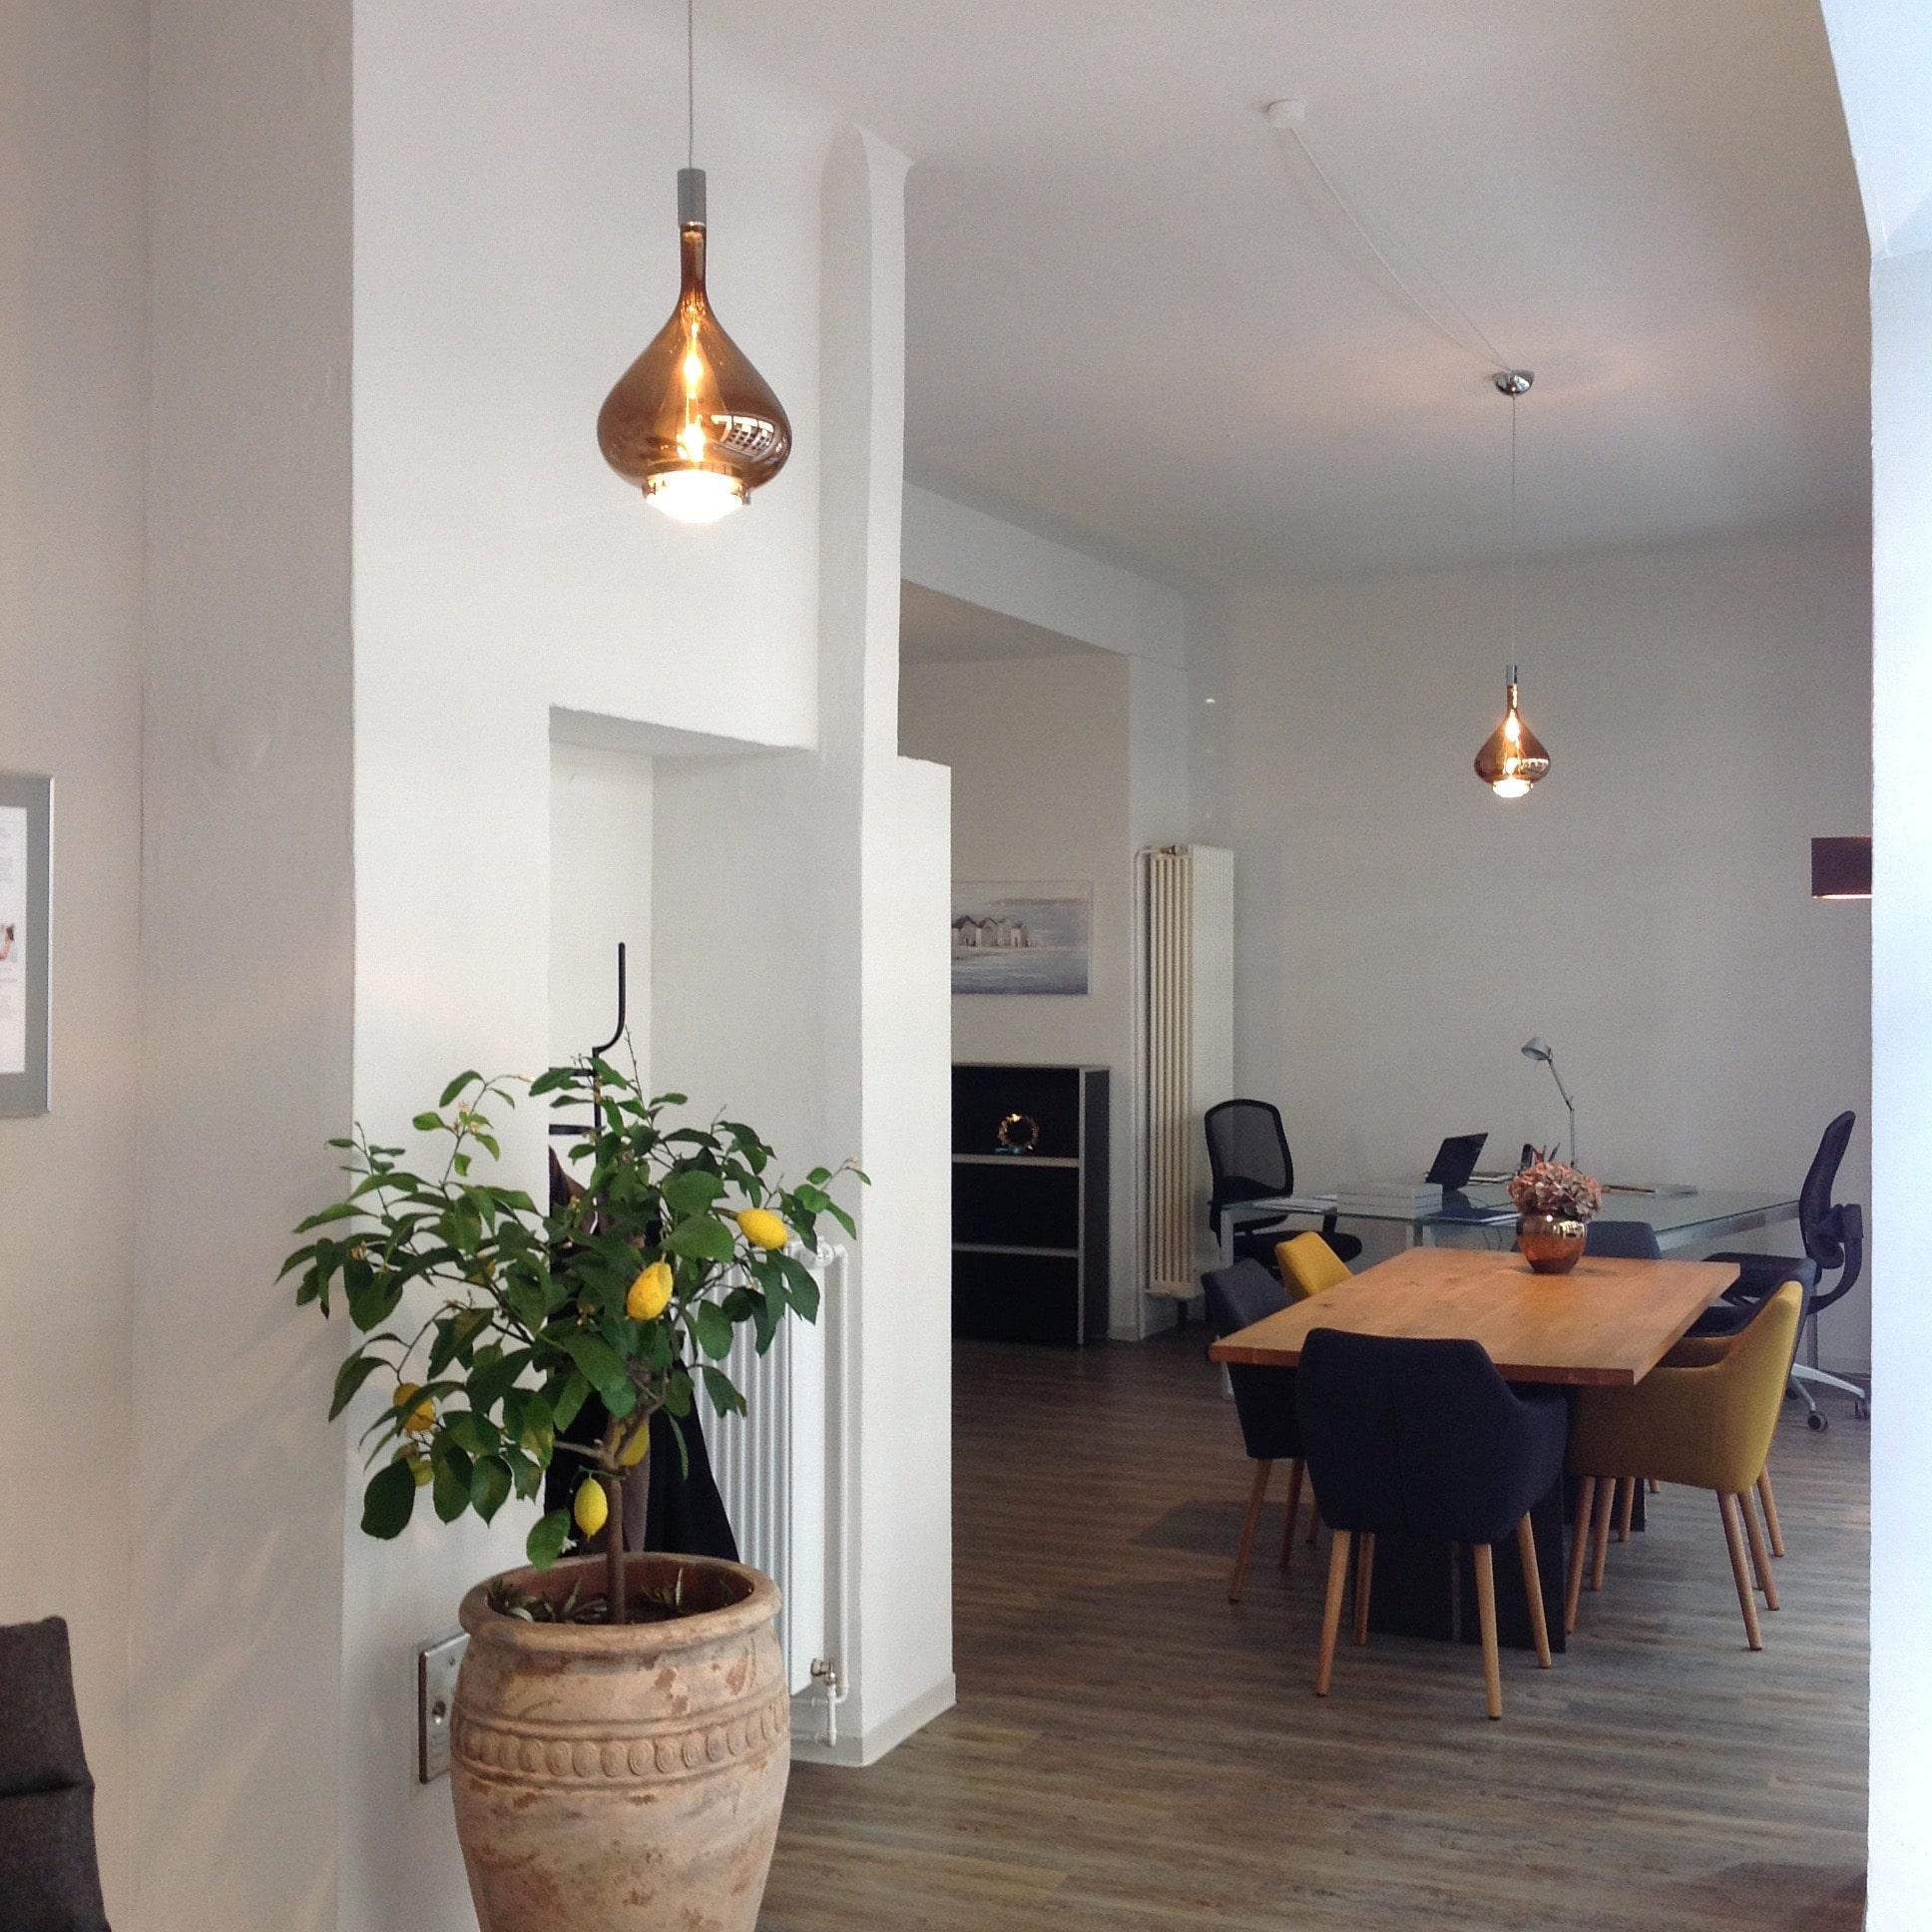 Tisch - Büroeinneneinrichtung Mannheim, Heidelberg - Gaffga Interieur Design. Planung und Ausführung - Lichtplanung - Möbel auf Maß.